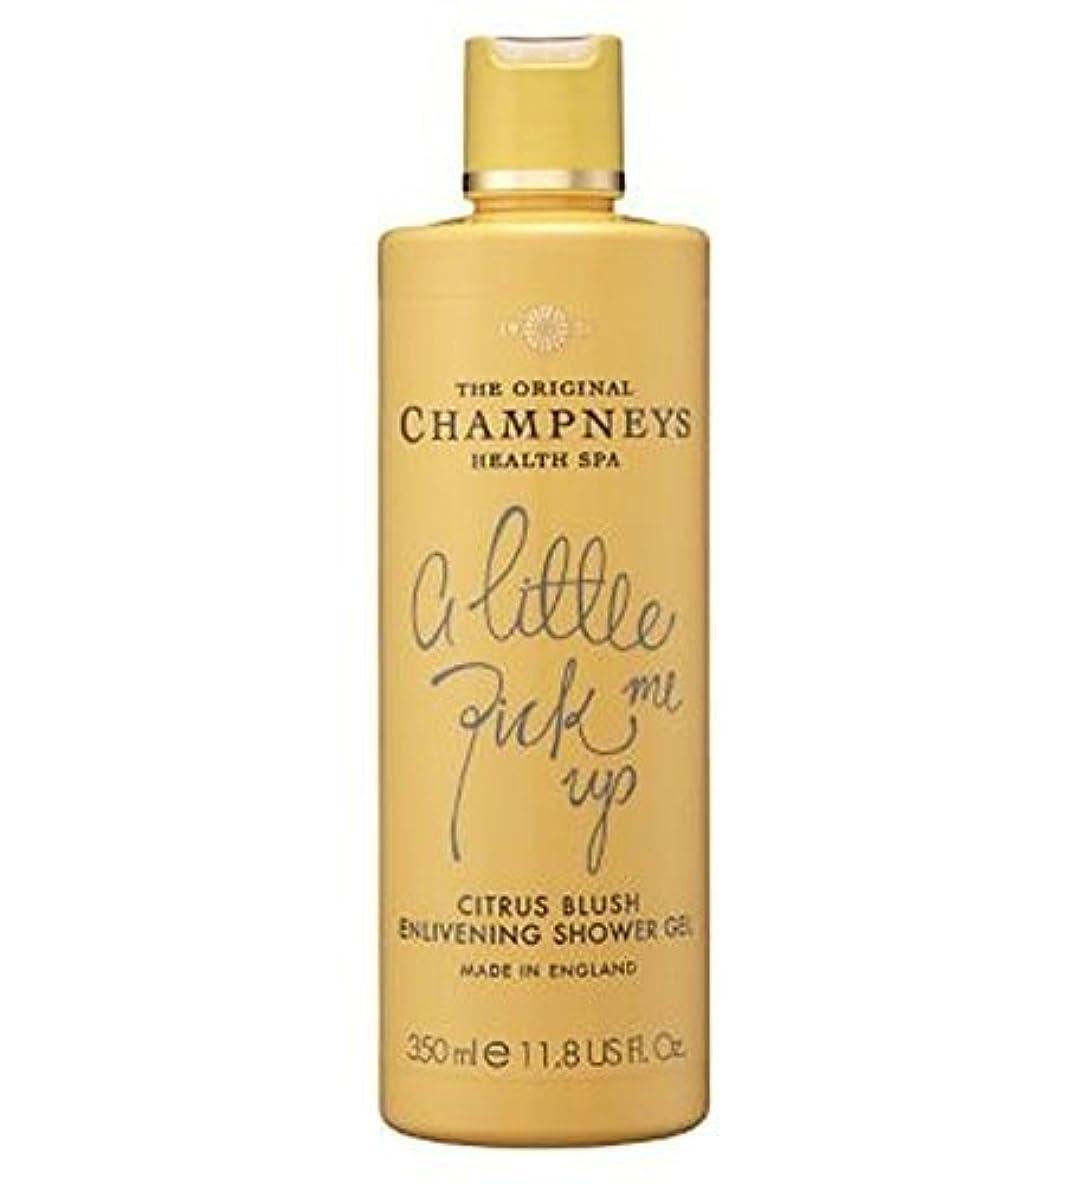 クマノミアプト合計Champneys Citrus Blush Enlivening Shower Gel 350Ml by Champneys